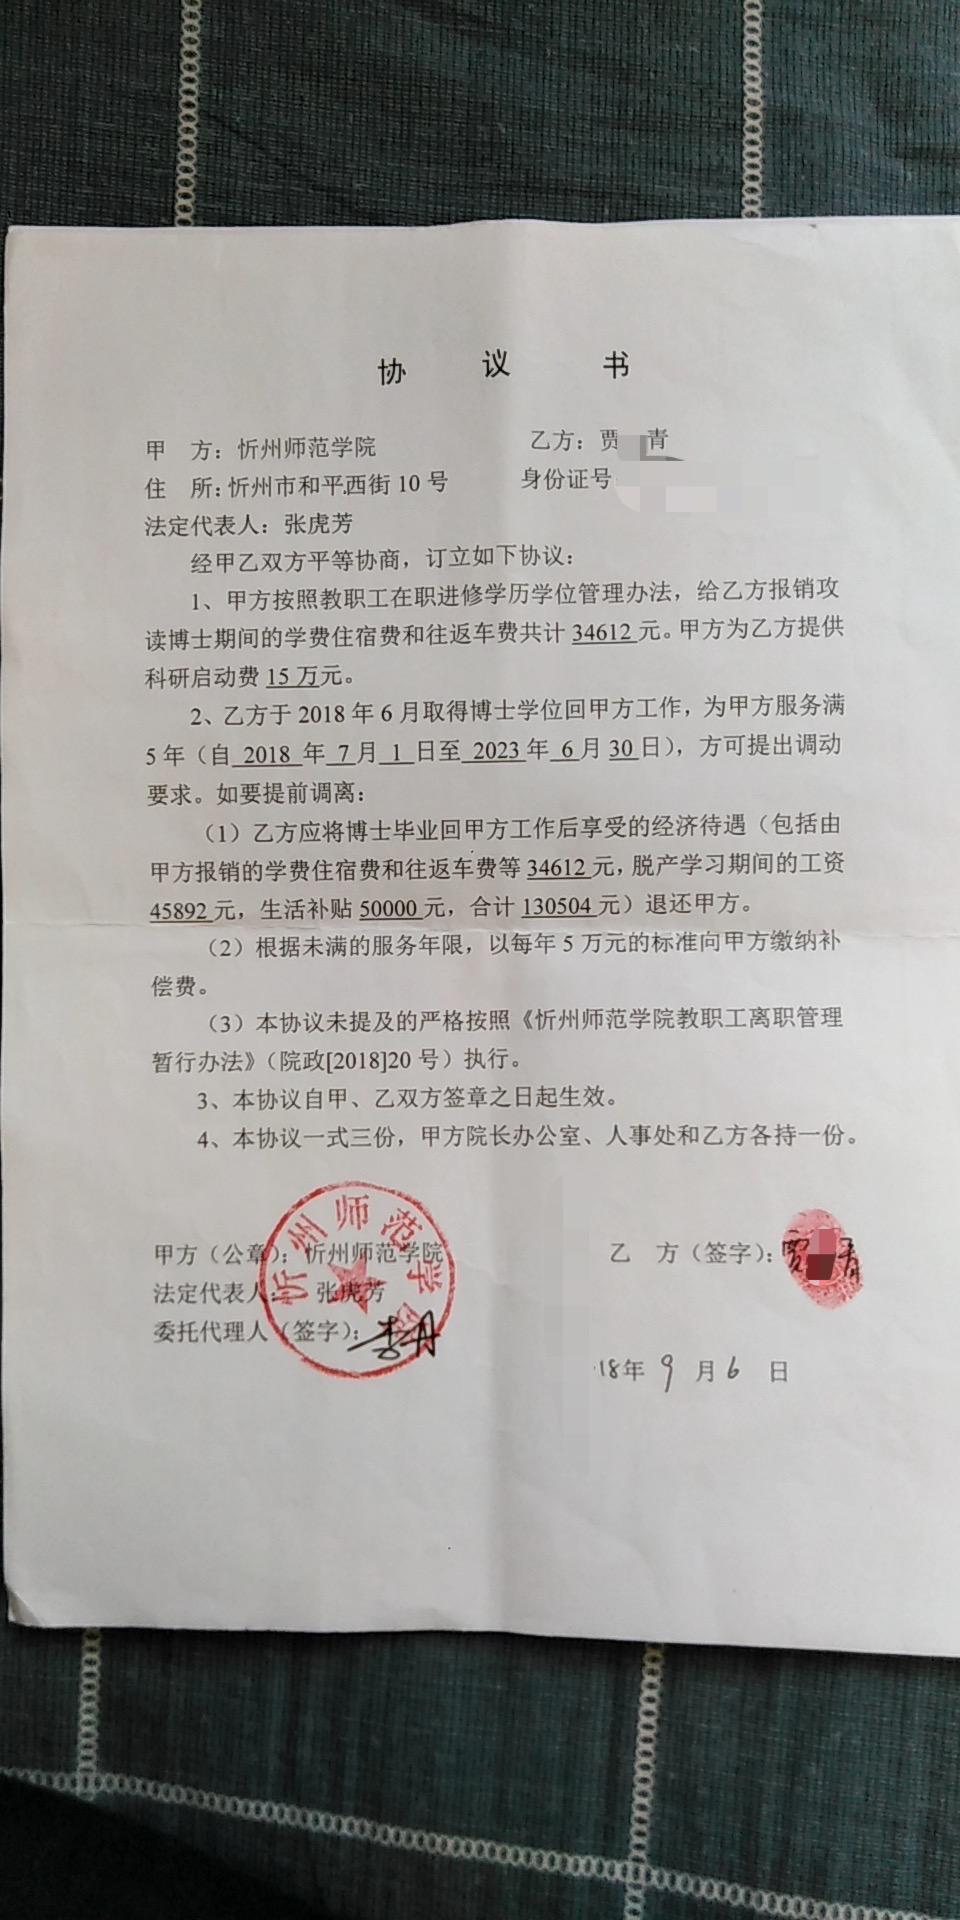 贾某青与忻州师范学院签订的《协议书》。